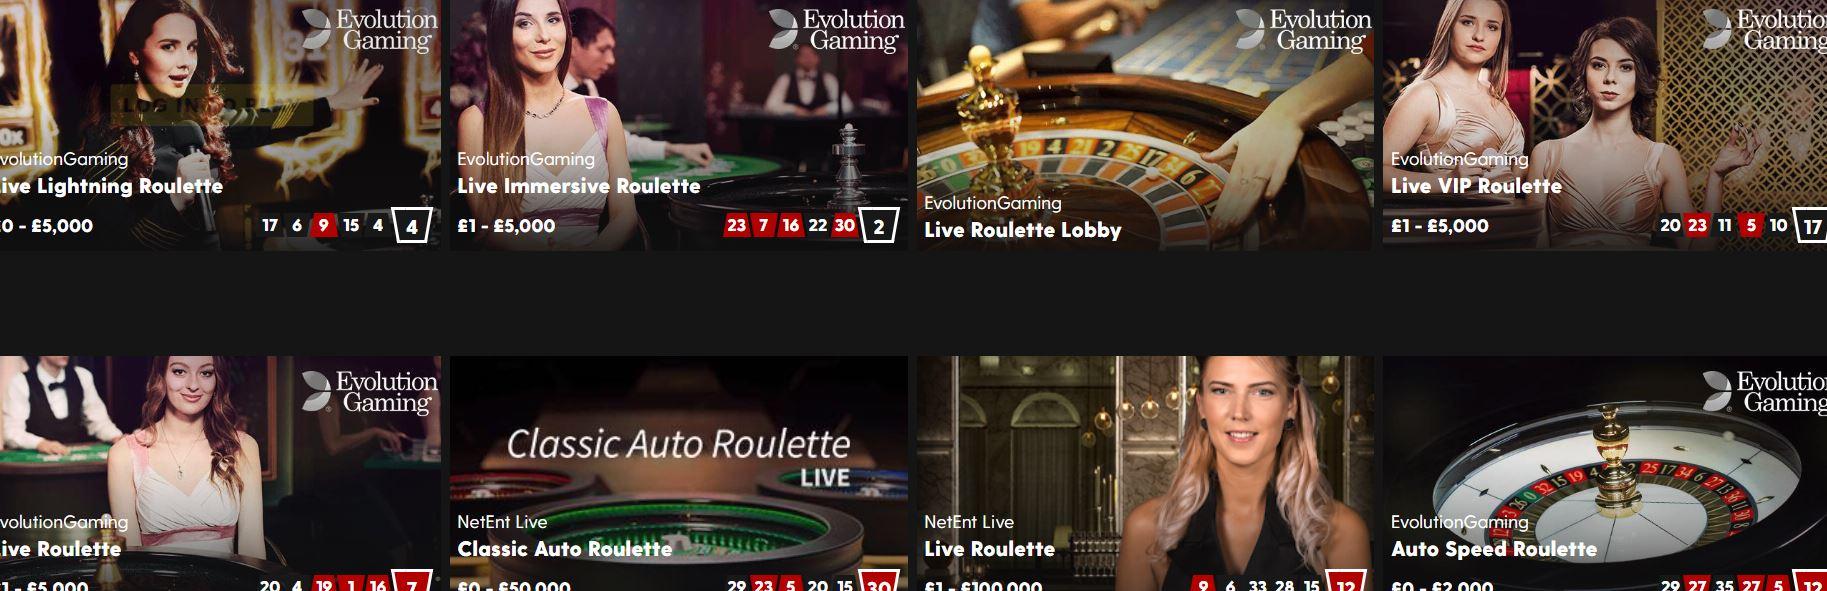 Las promociones de los casinos en línea se validan en la roulette.